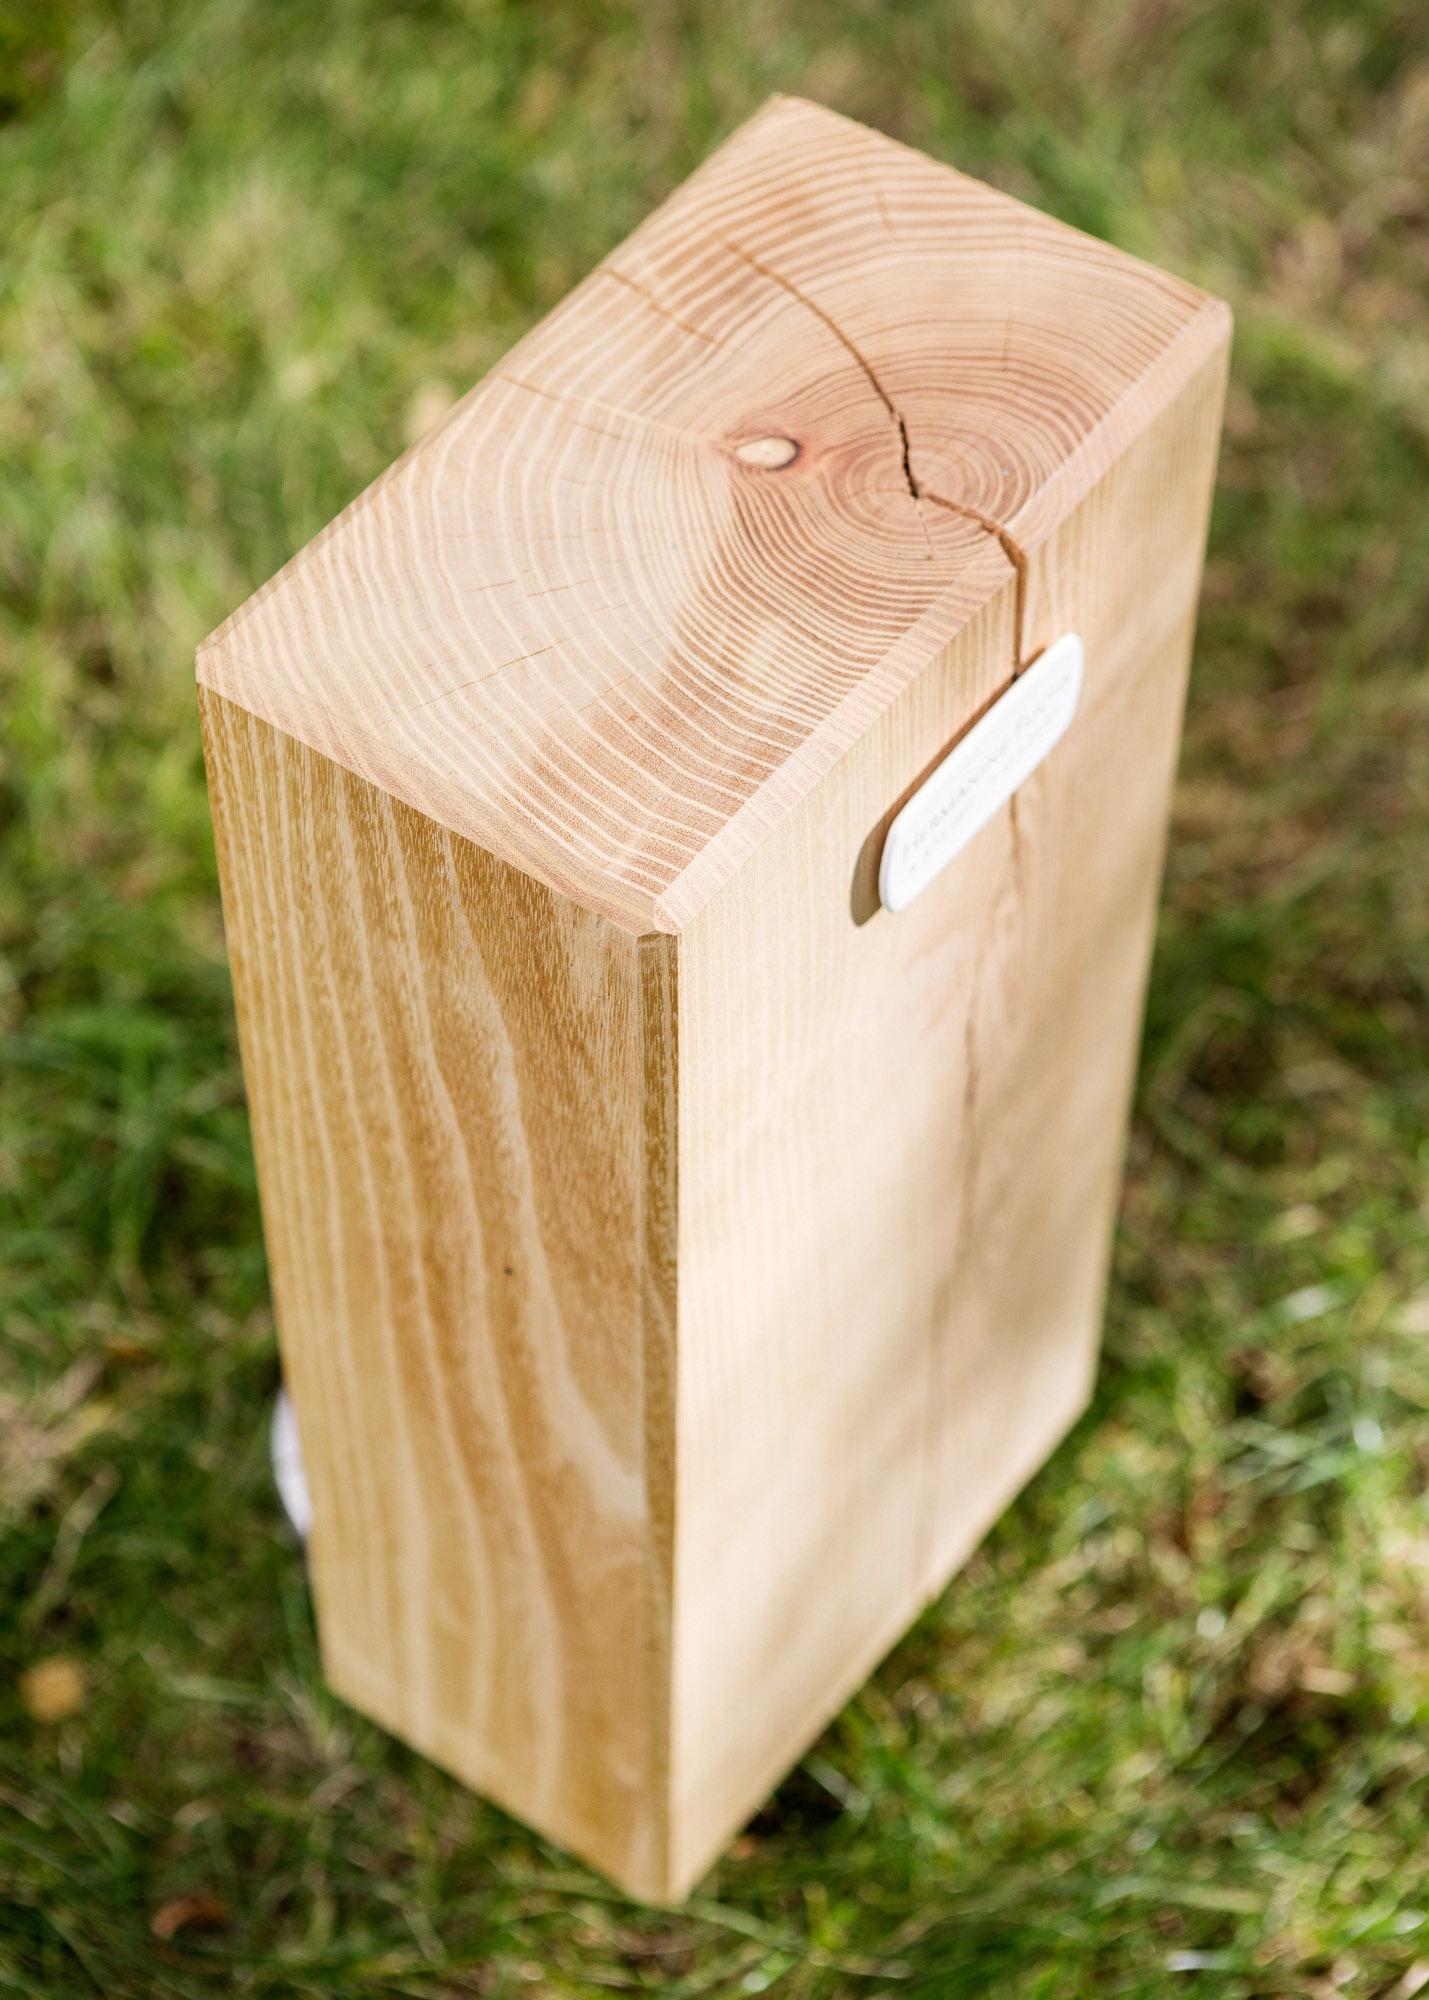 Holzblock mit Emailleschild als Alternative zum Grabstein